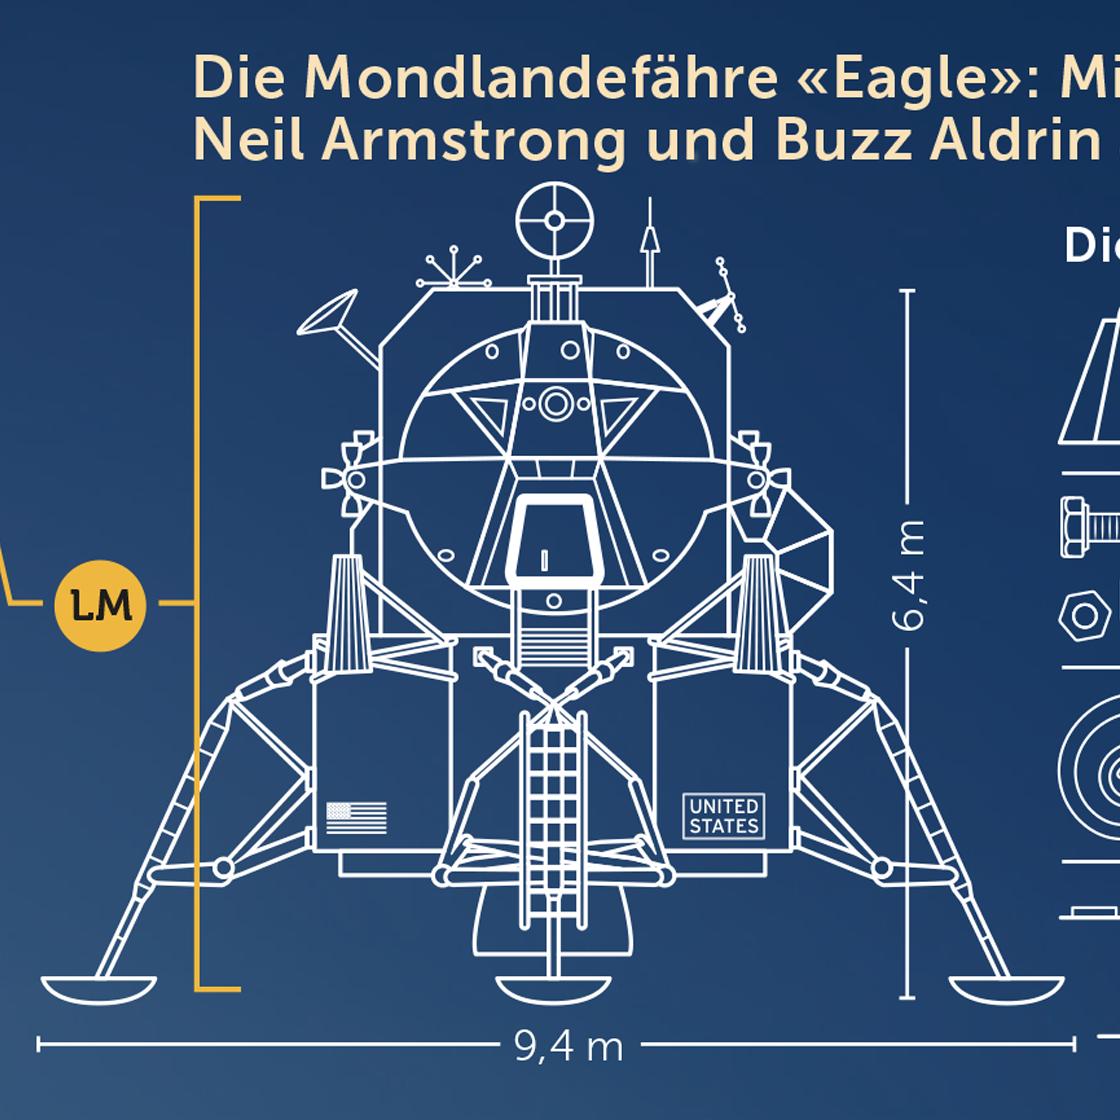 Lineare Zeichnung der Mondlandefähre Eagle © Michael Stünzi